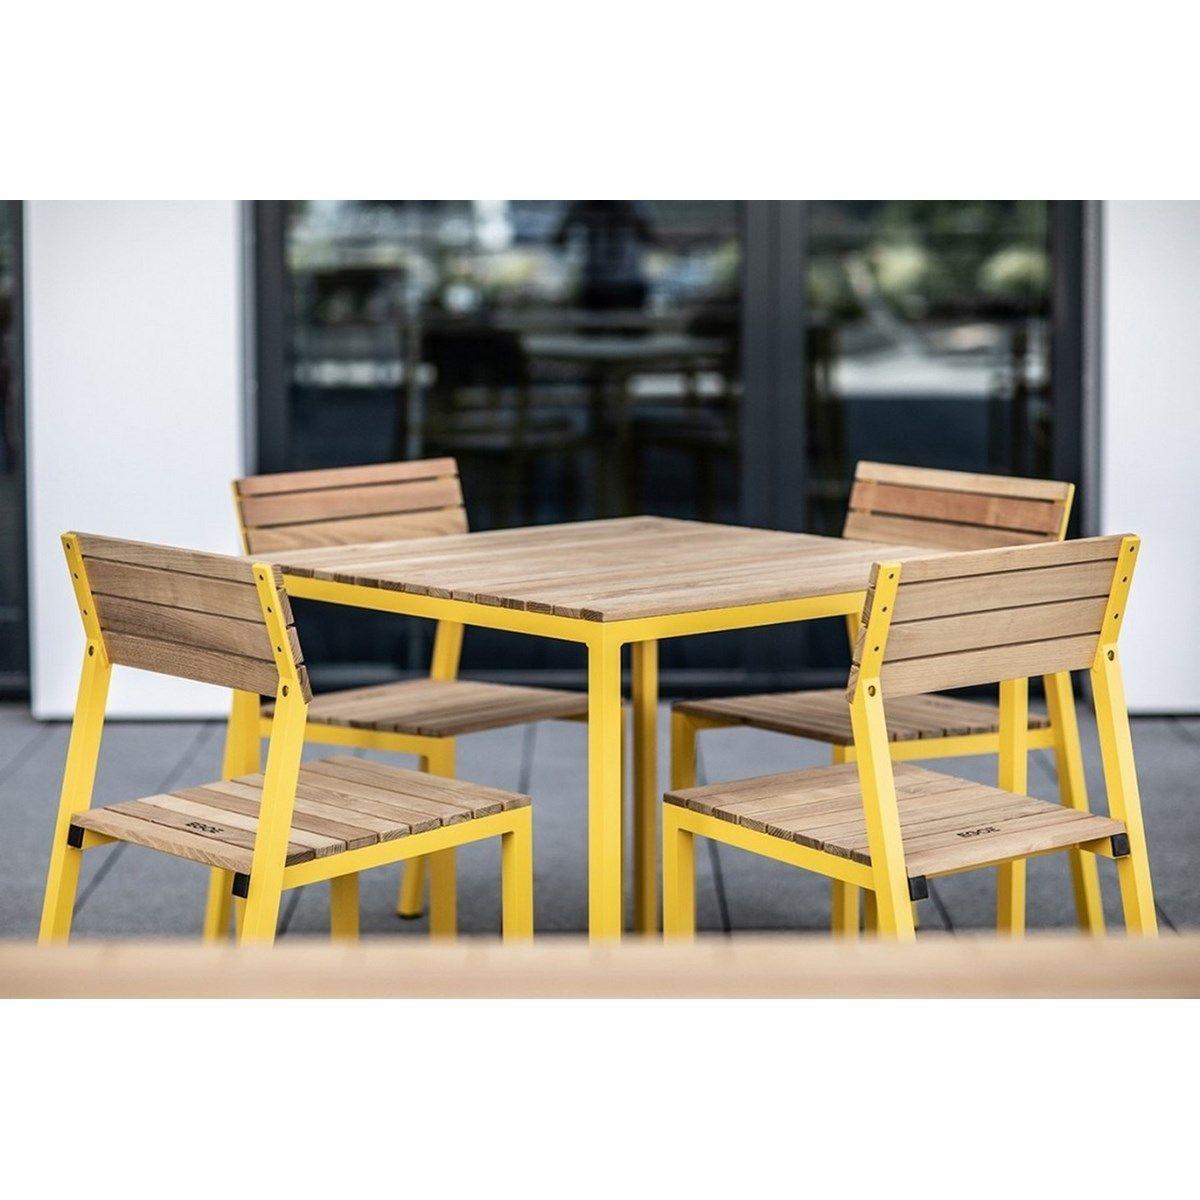 Ensemble de jardin CORA table carrée et 4 chaises alu jaune et acacia EGOE